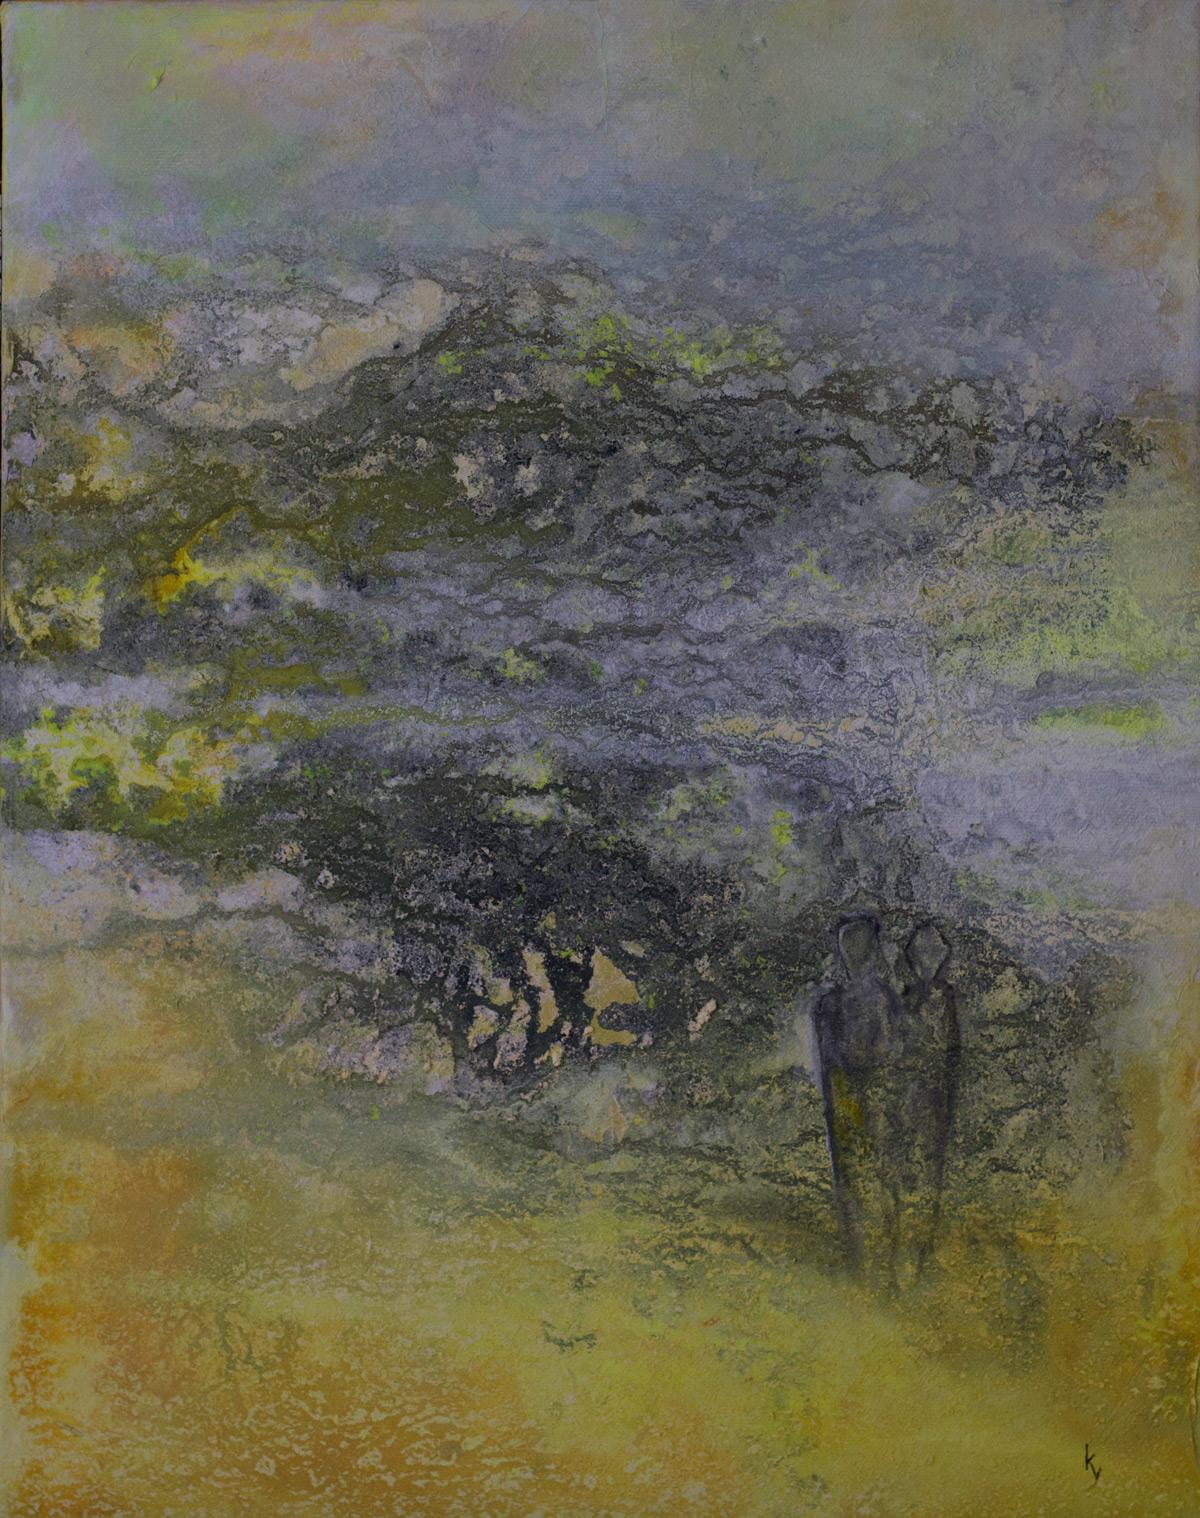 to mennesker ved gamle oliventræer